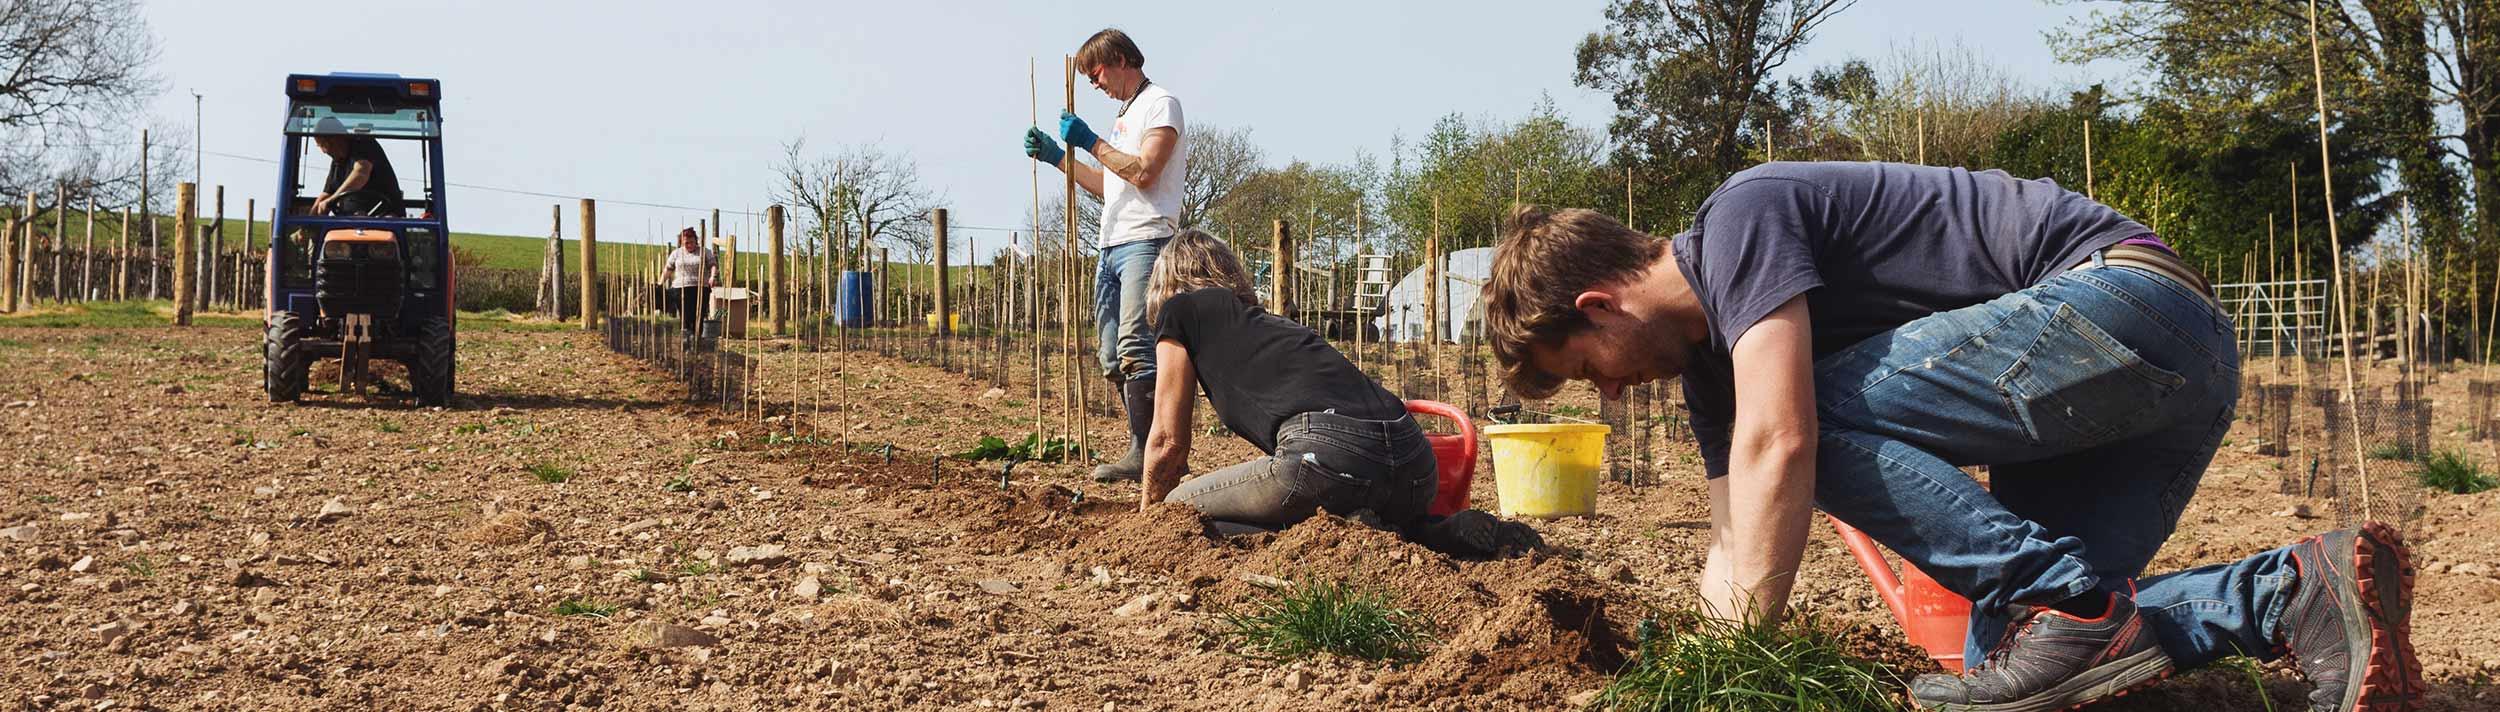 planting English sparkling wine in devon